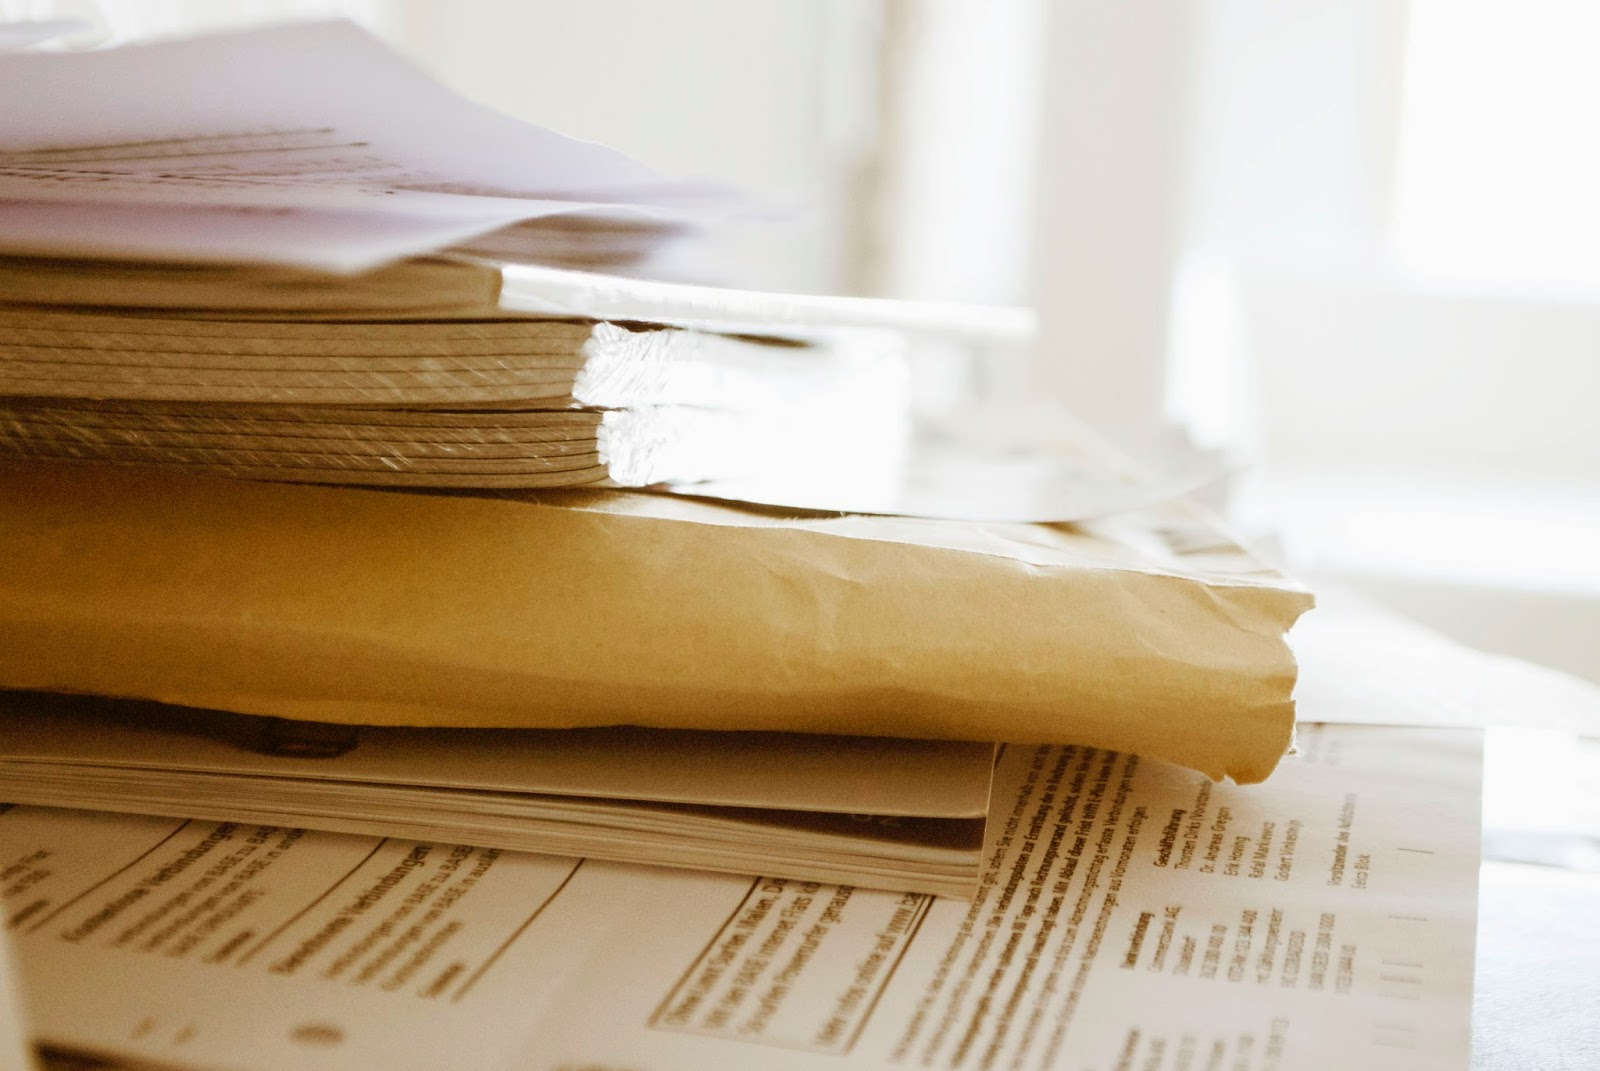 31 tage ordnung im haushalt challenge b ro einen papierstapel aussortieren und abheften. Black Bedroom Furniture Sets. Home Design Ideas